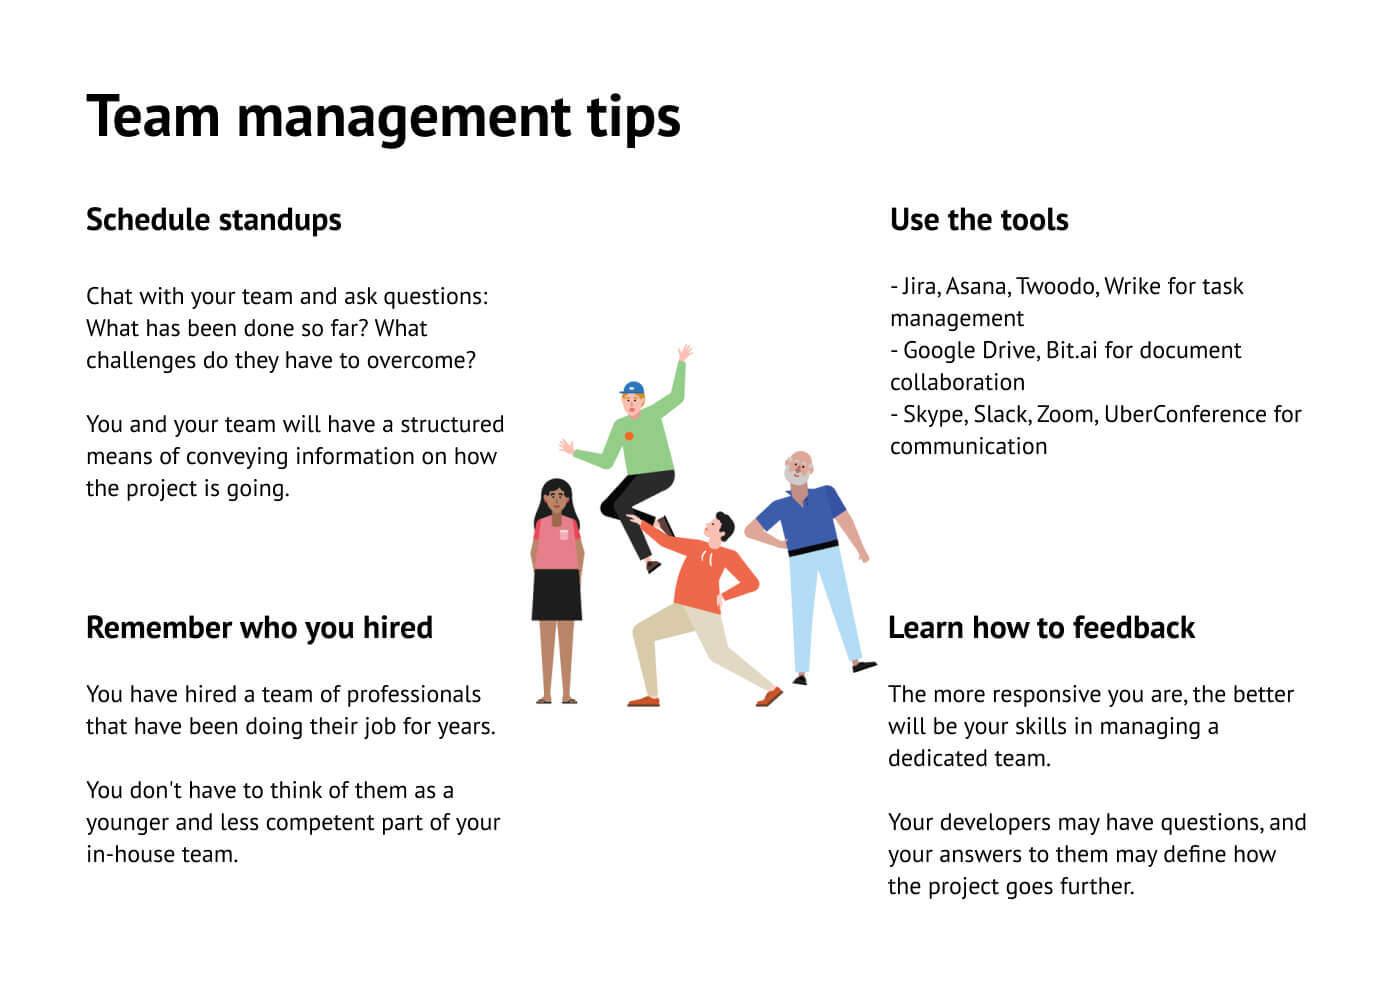 Tips on managing Dedicated Teams.